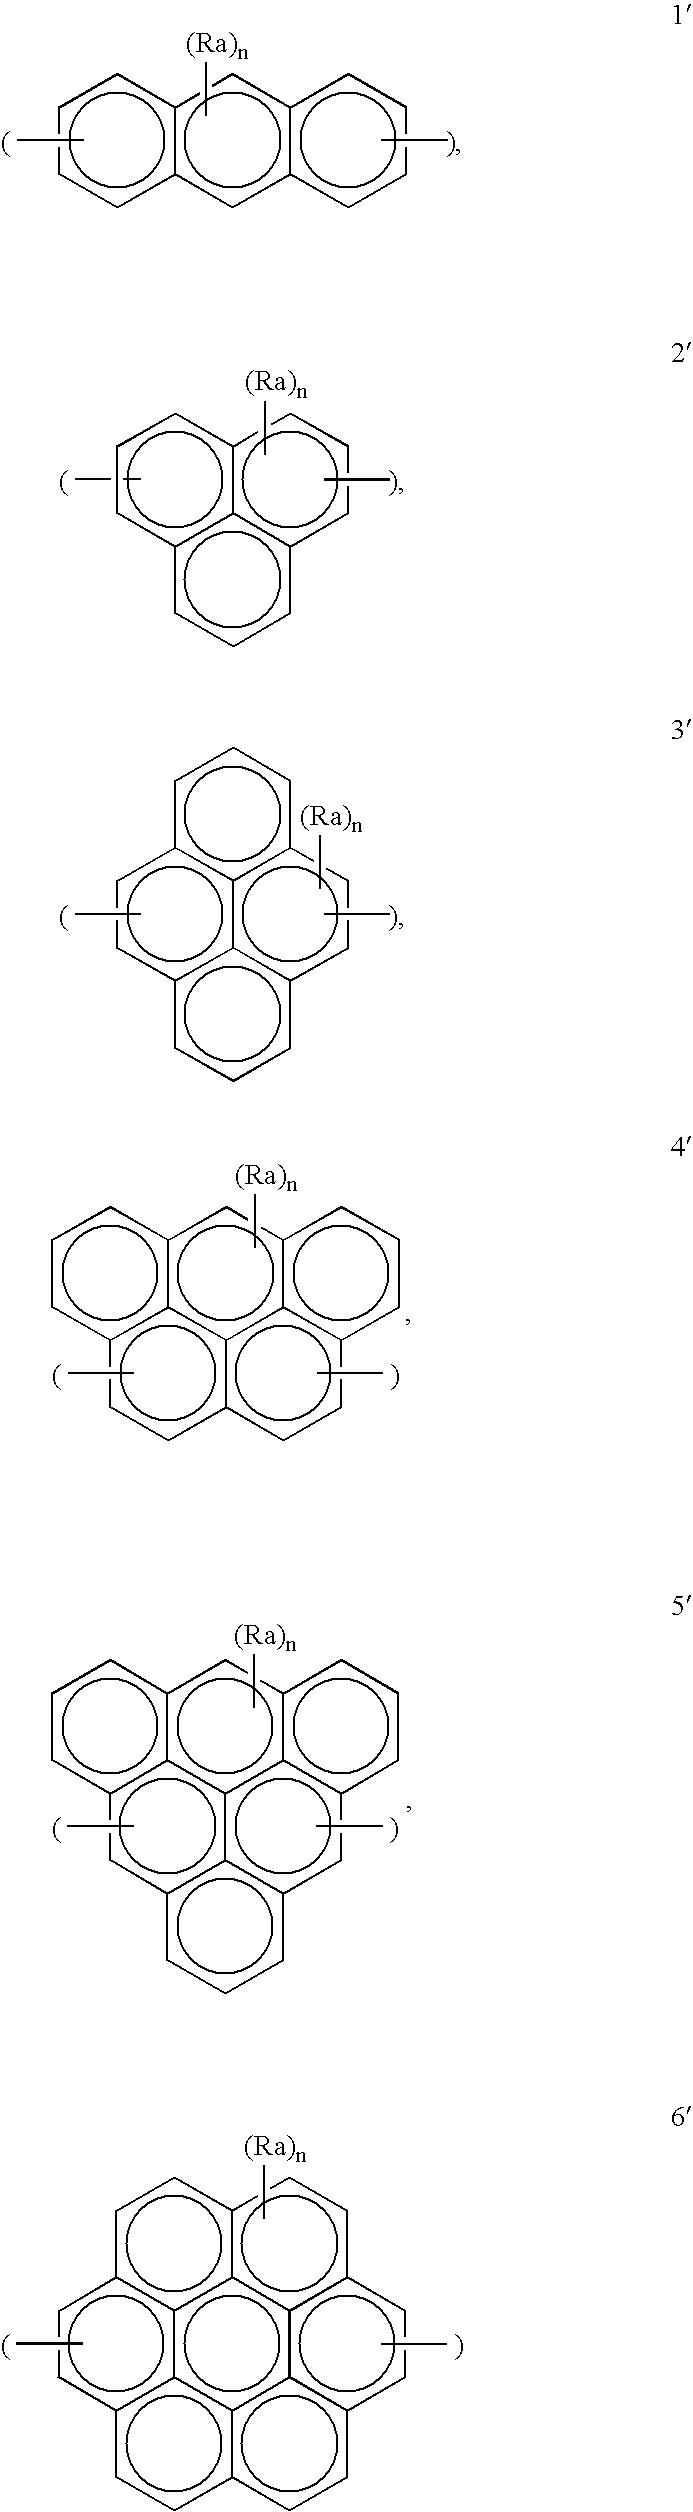 Figure US20080292995A1-20081127-C00008